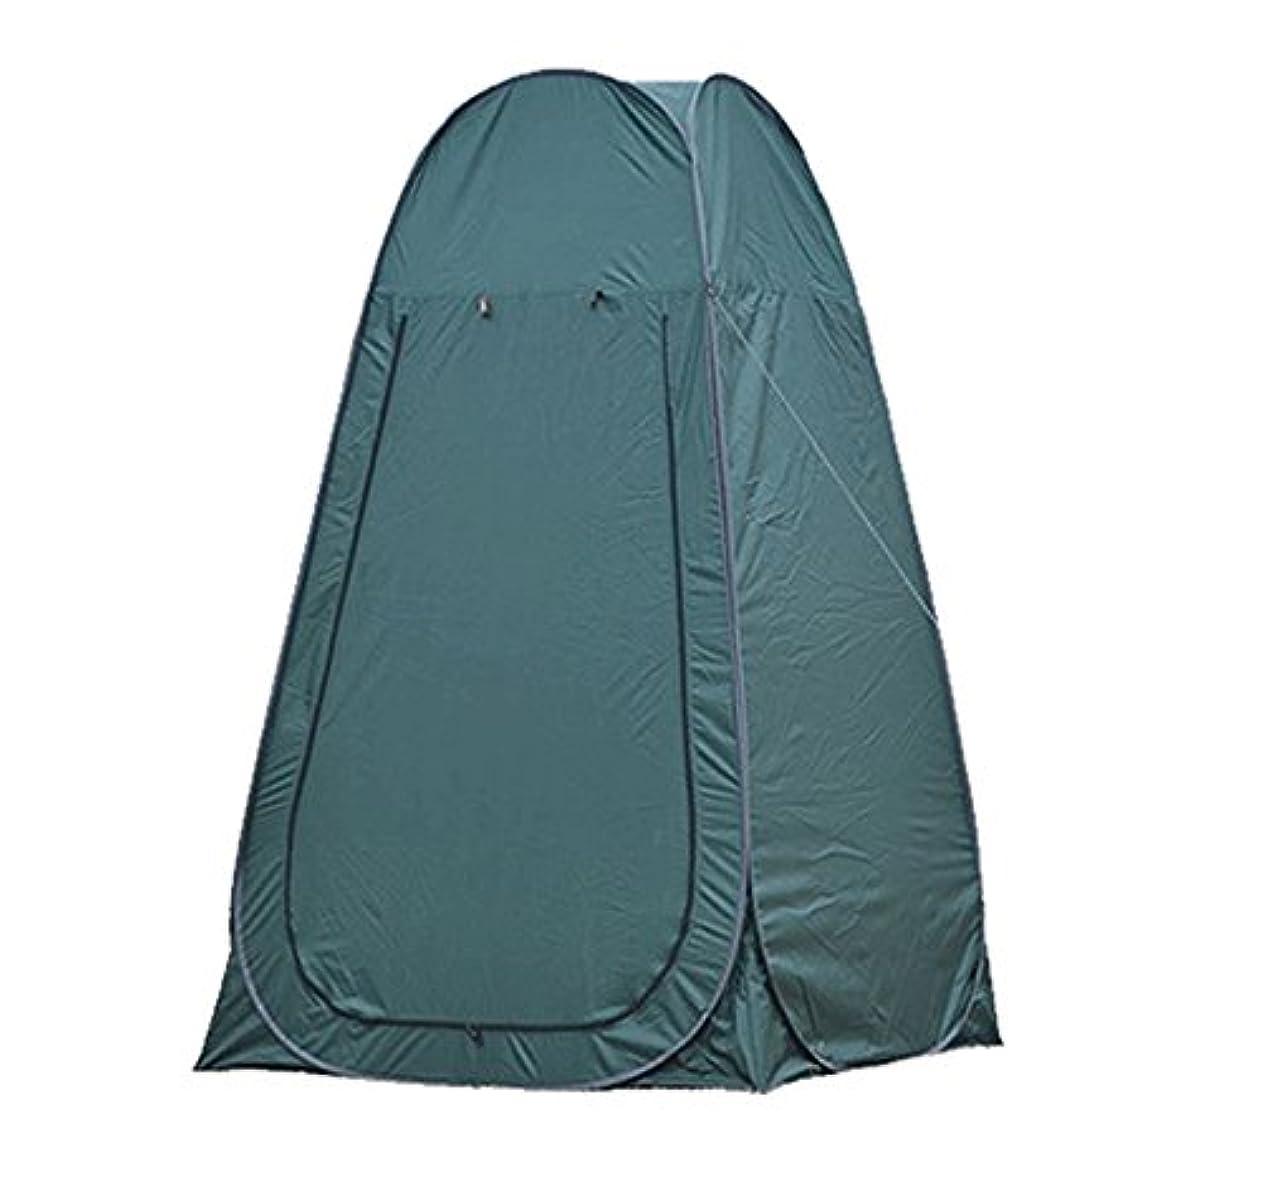 労働者一月知らせる[World box]テント ワンタッチ 簡単設営 簡易 折り畳み アウトドア ビーチ キャンプ 更衣室 防災 紫外線防止 日よけ プライベート空間 縦型 軽量 透けない